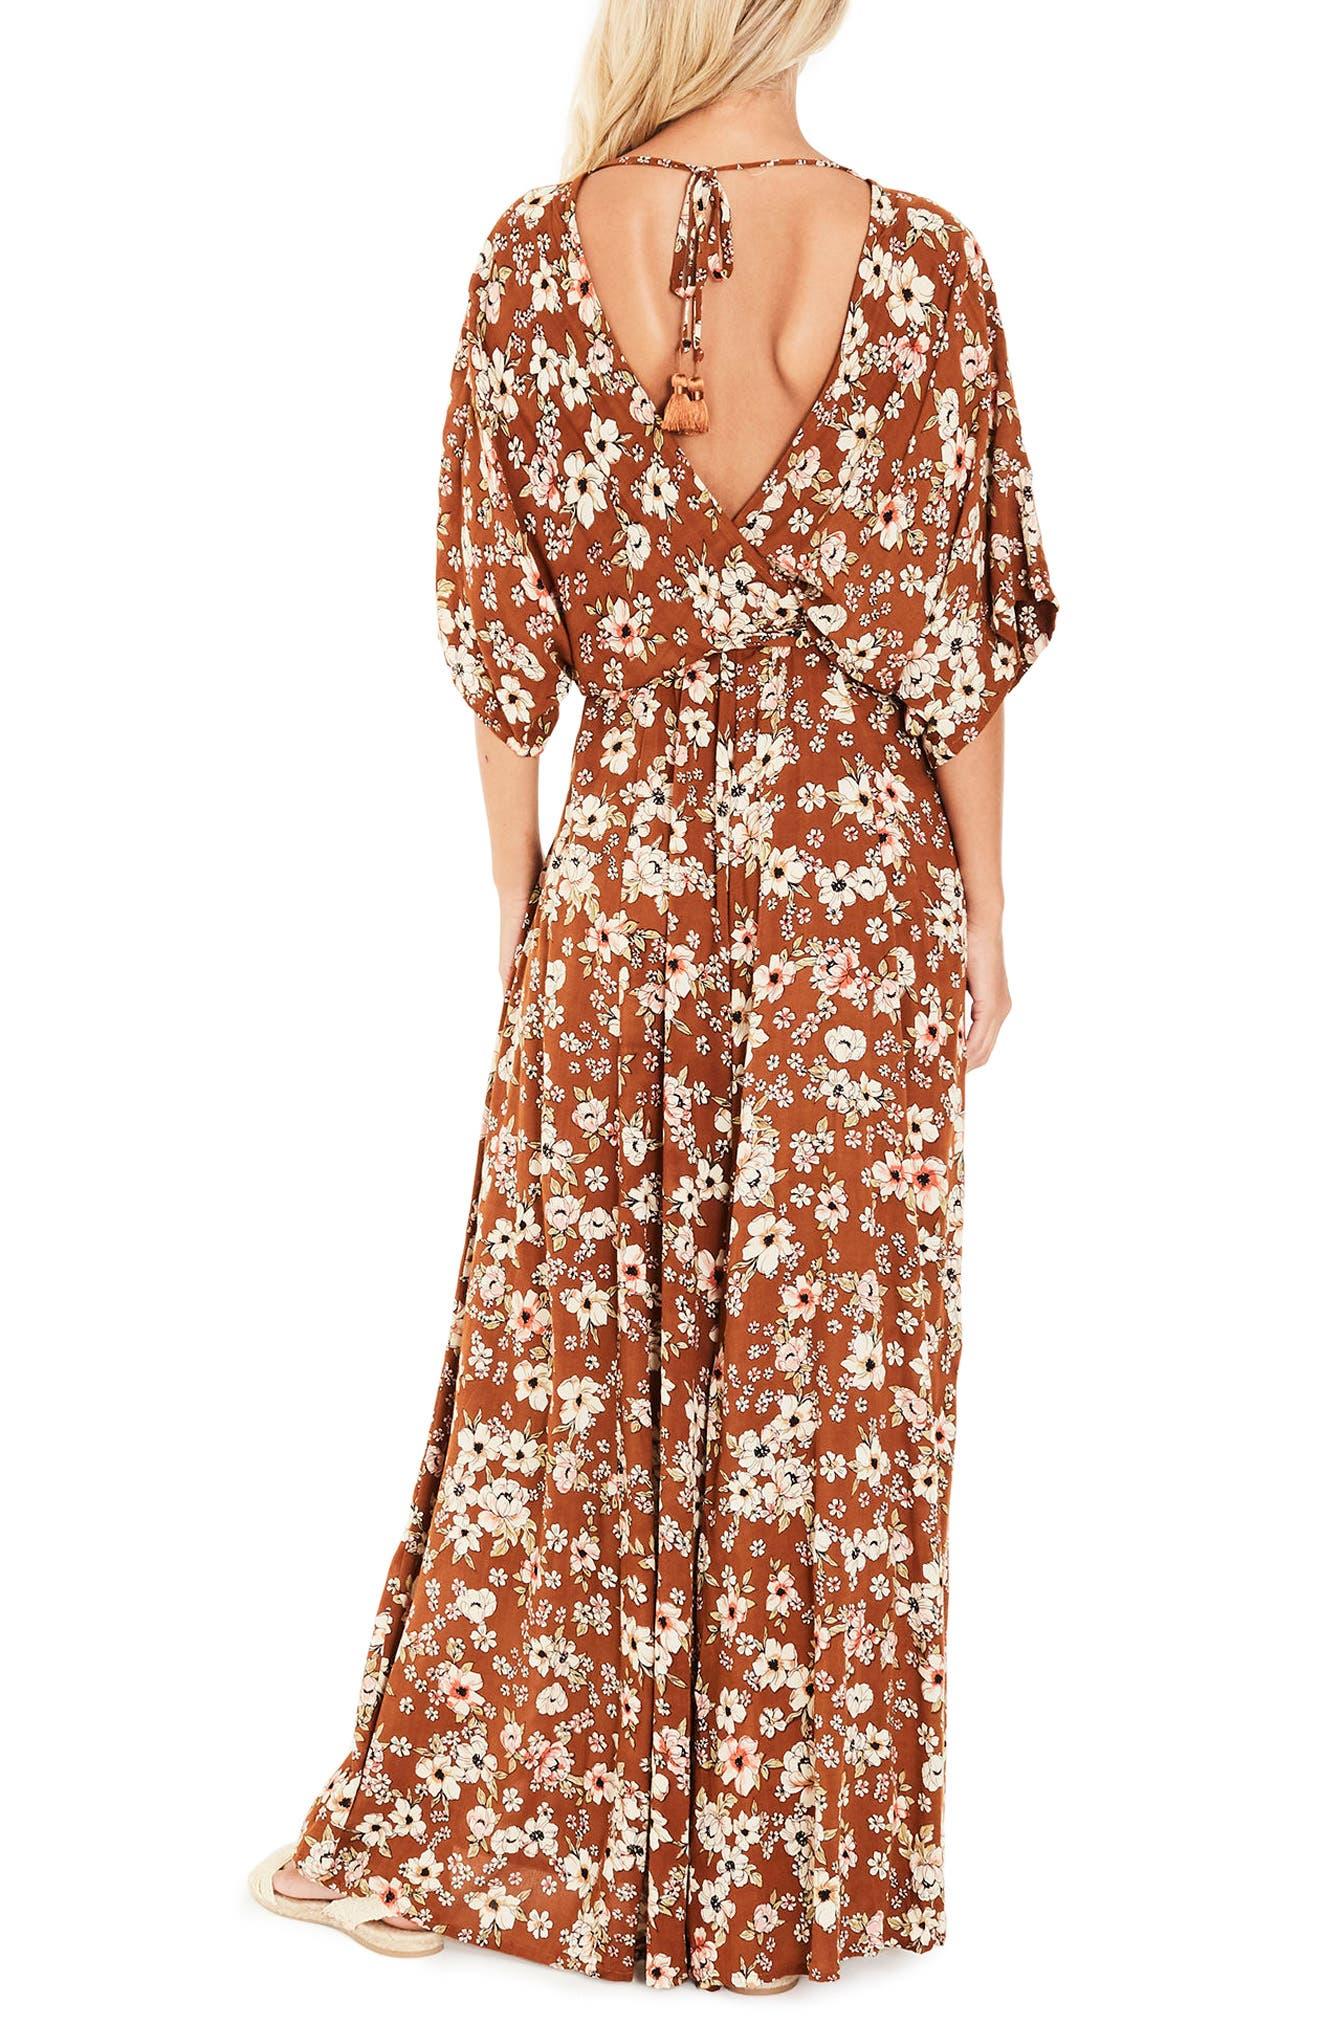 Bergamo Maxi Wrap Dress,                             Alternate thumbnail 2, color,                             650